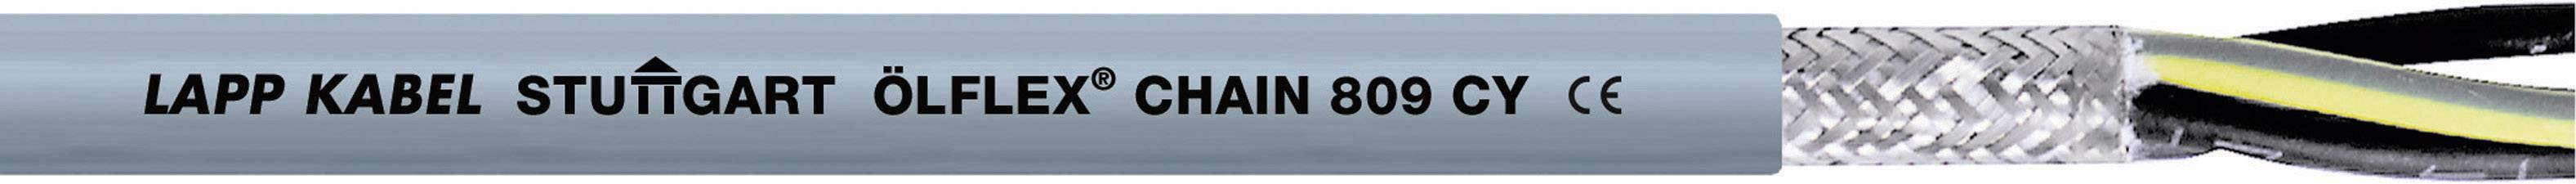 Žíla kabelu LappKabel ÖLFLEX CHAIN 809 CY 2X1,0 (1026767), 2x 1 mm², PVC, Ø 6,5 mm, stíněný, 100 m, šedá